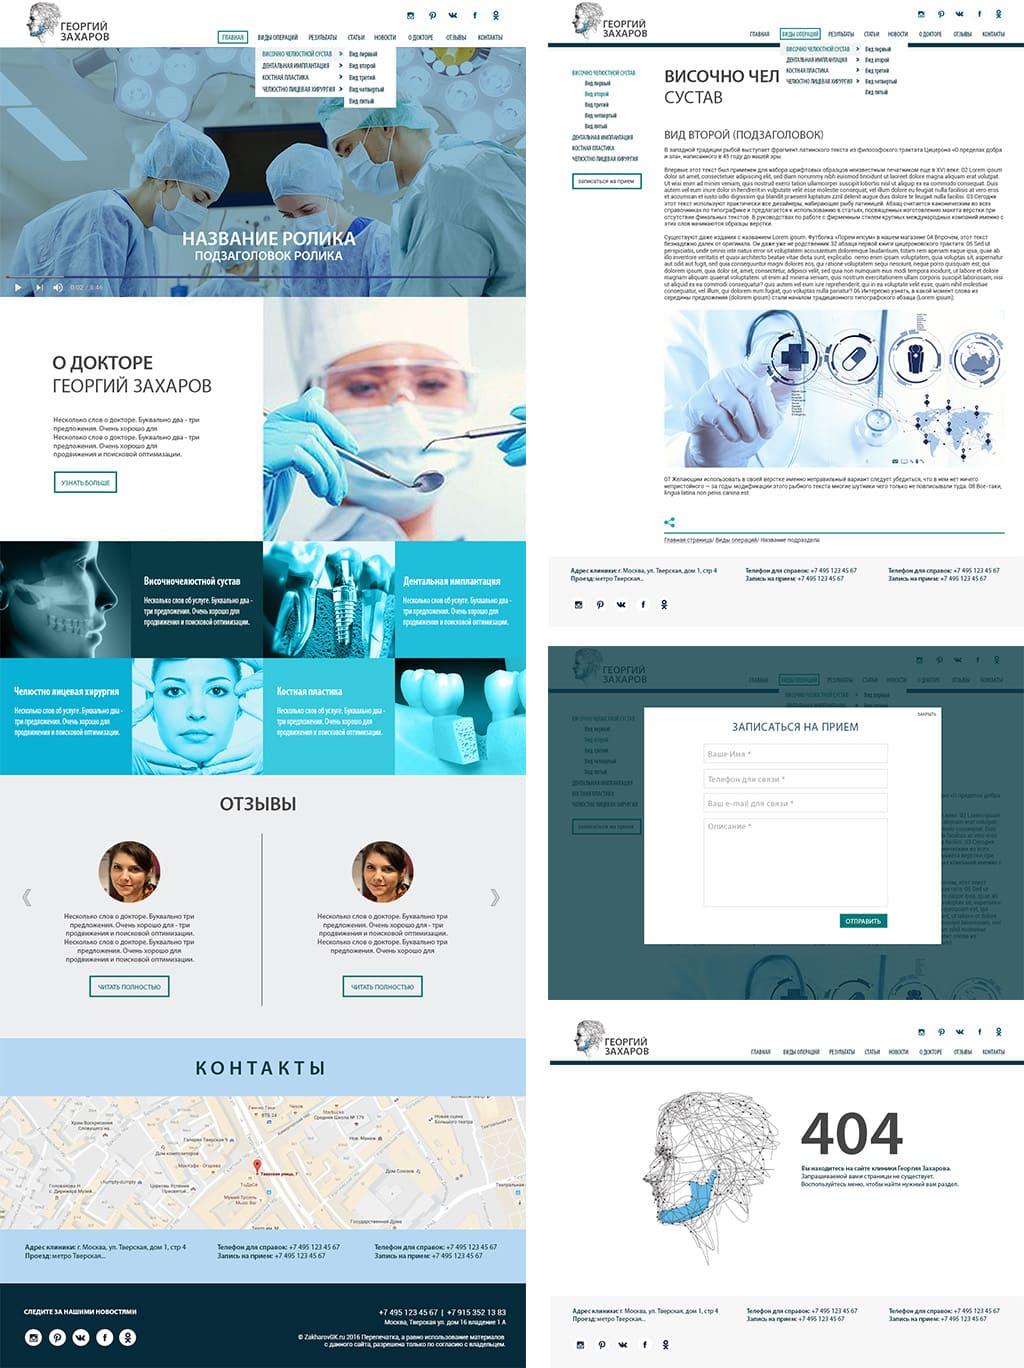 Создание сайта клиники. Внутренние страницы. Разработка сайт wordpress